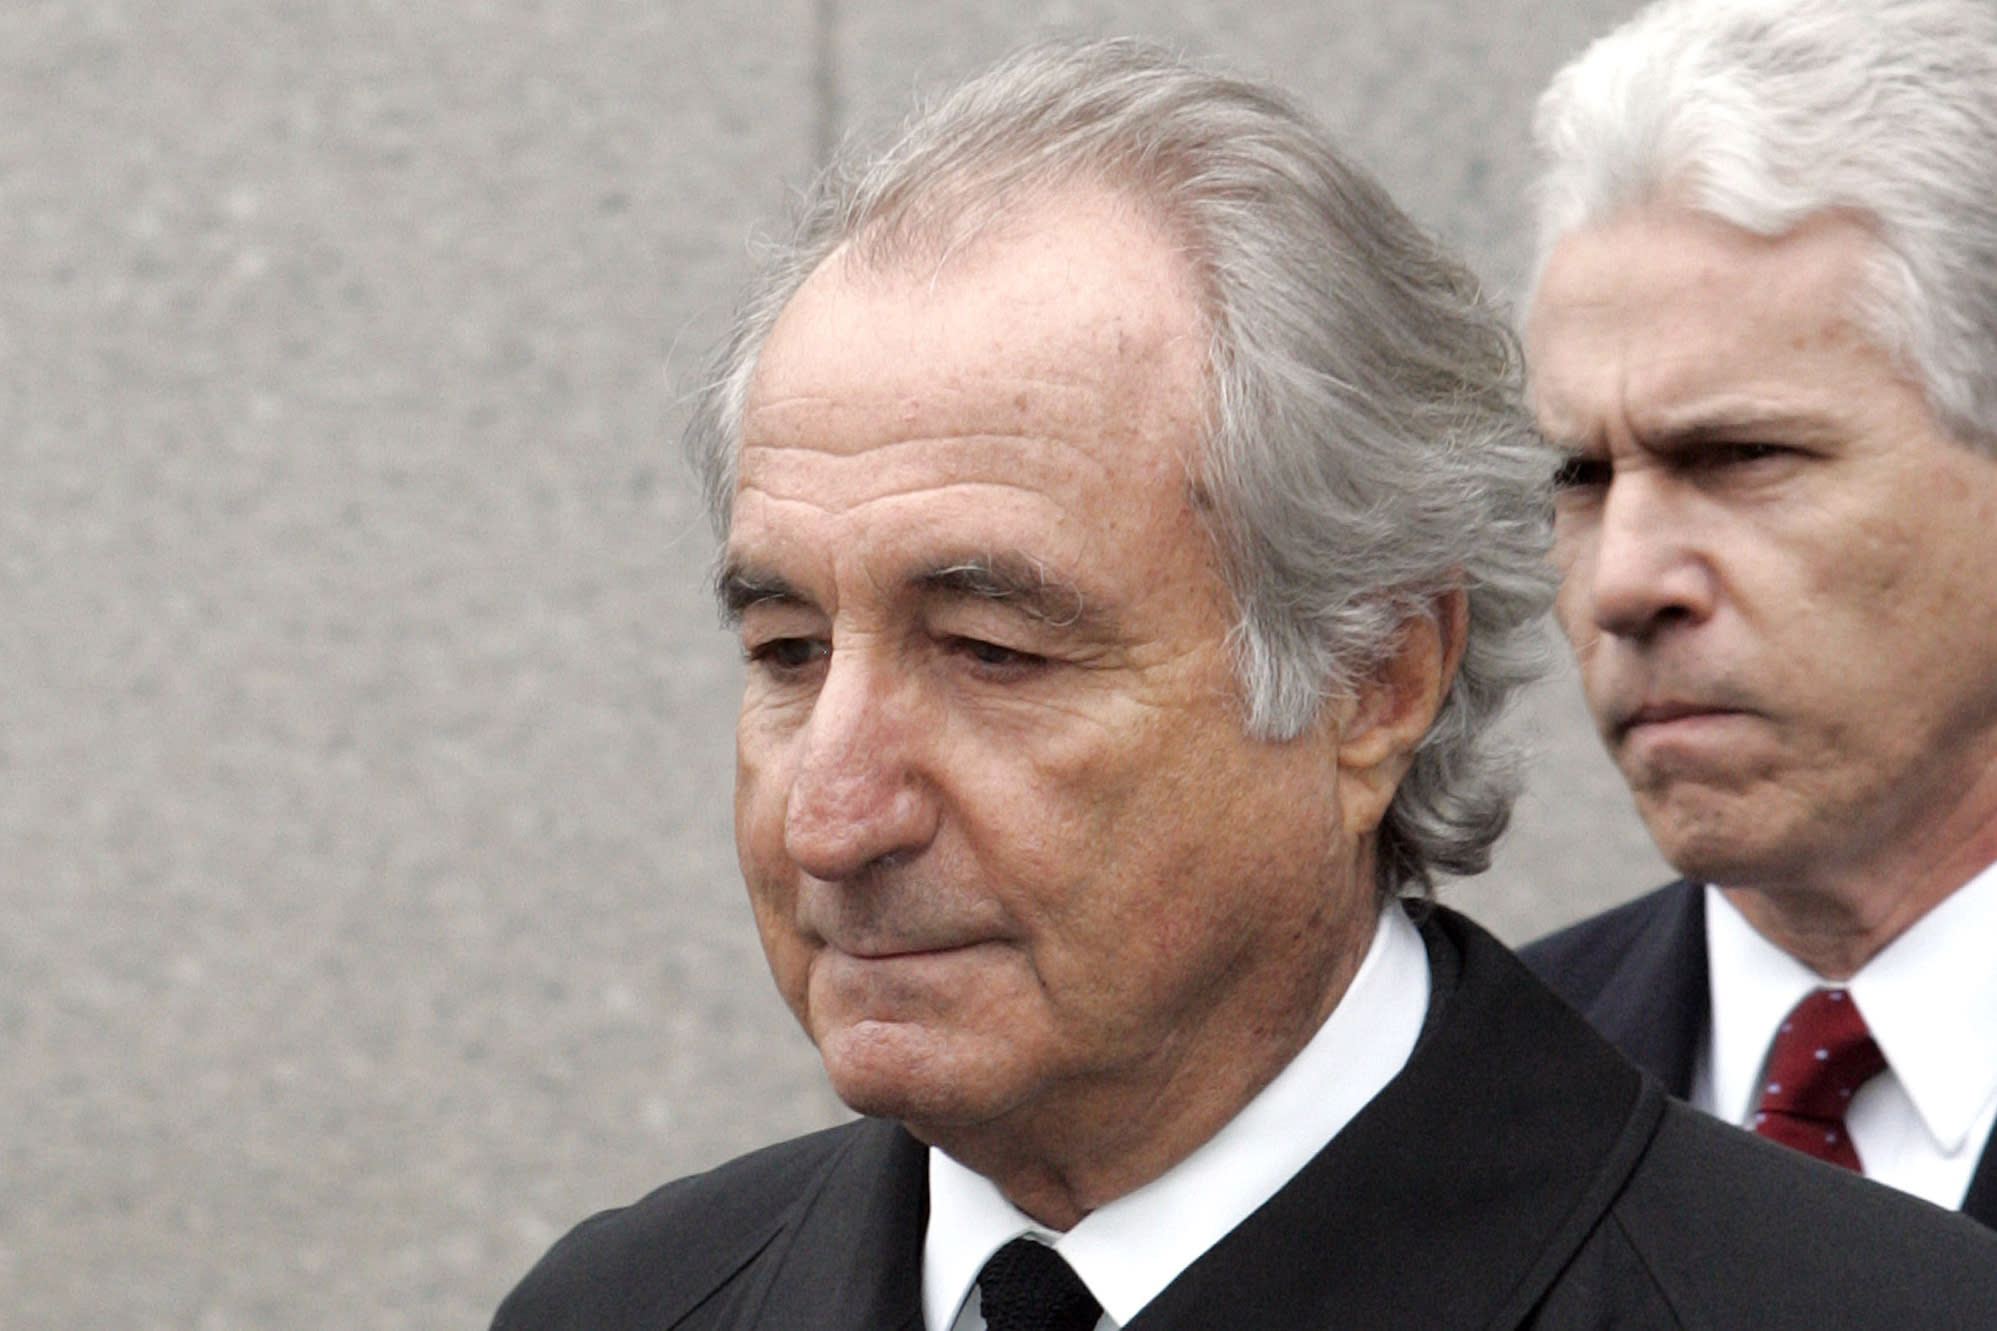 Image AP source: Ponzi schemer Bernie Madoff dies in prison